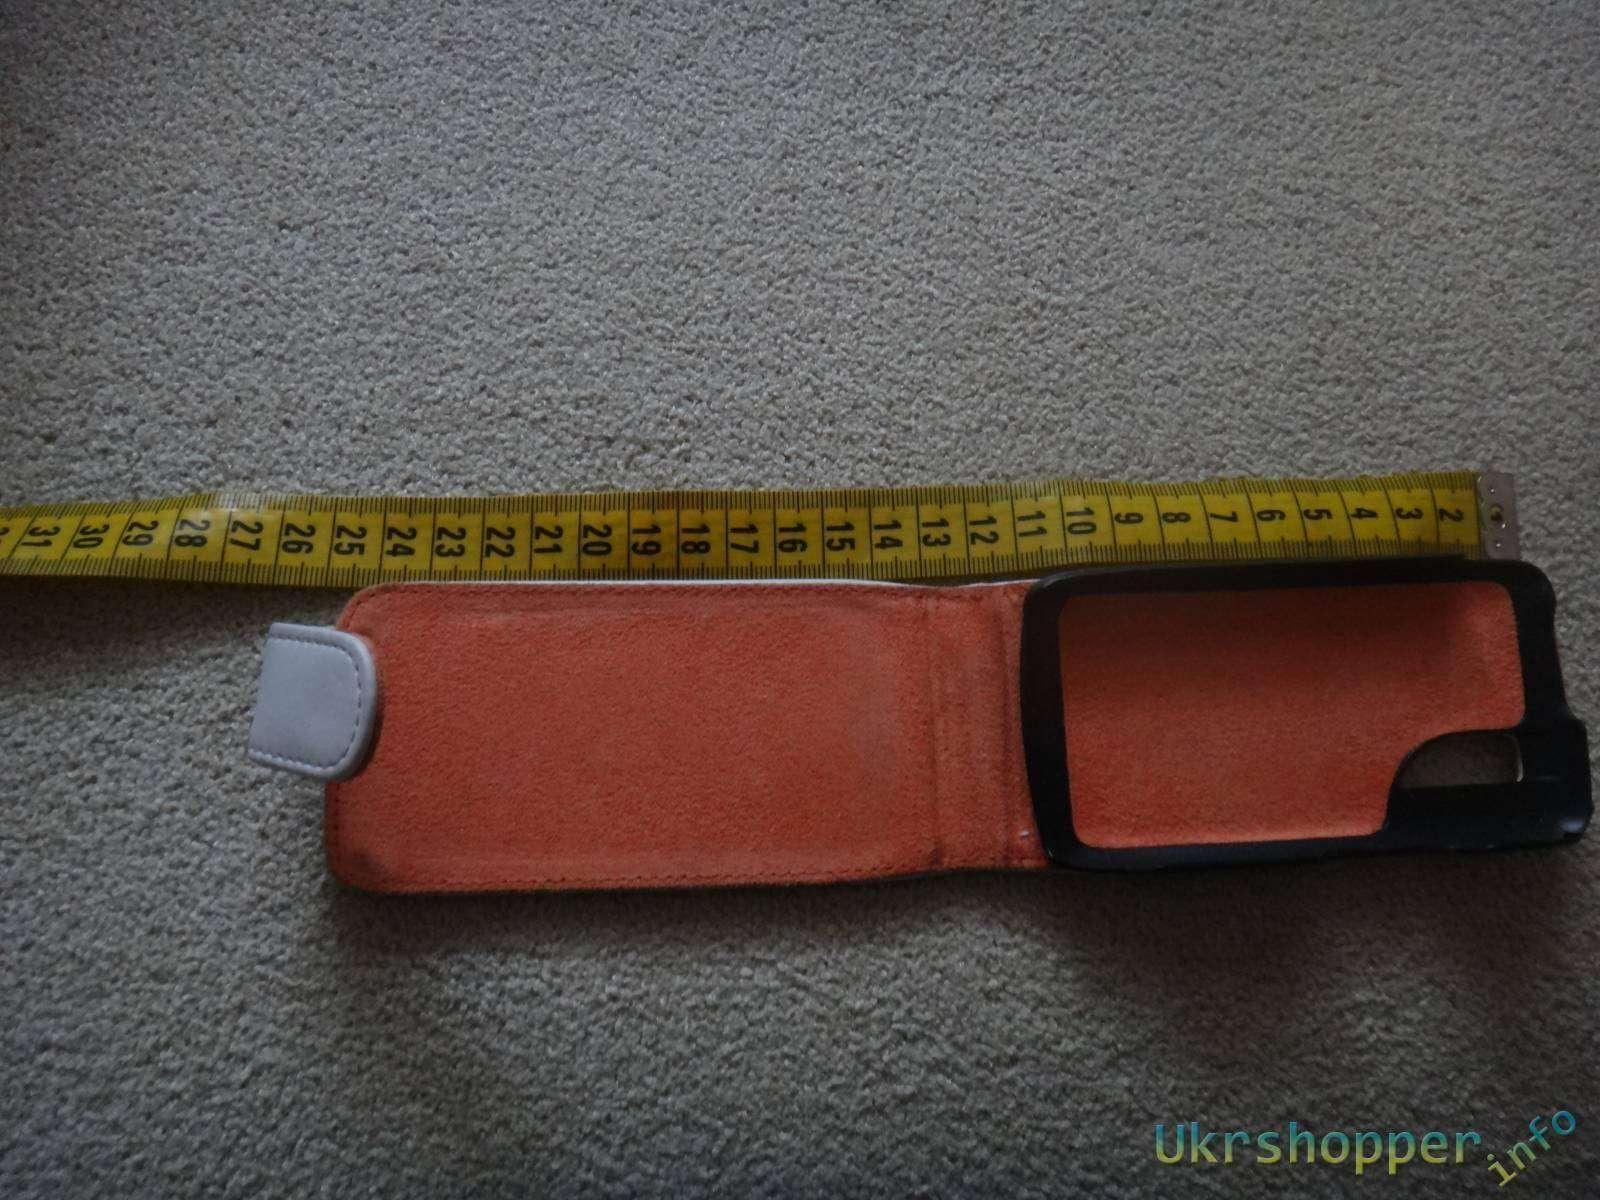 Aliexpress: Обзор двух одинаковых чехлов разного цвета для телефона Orange San Francisco